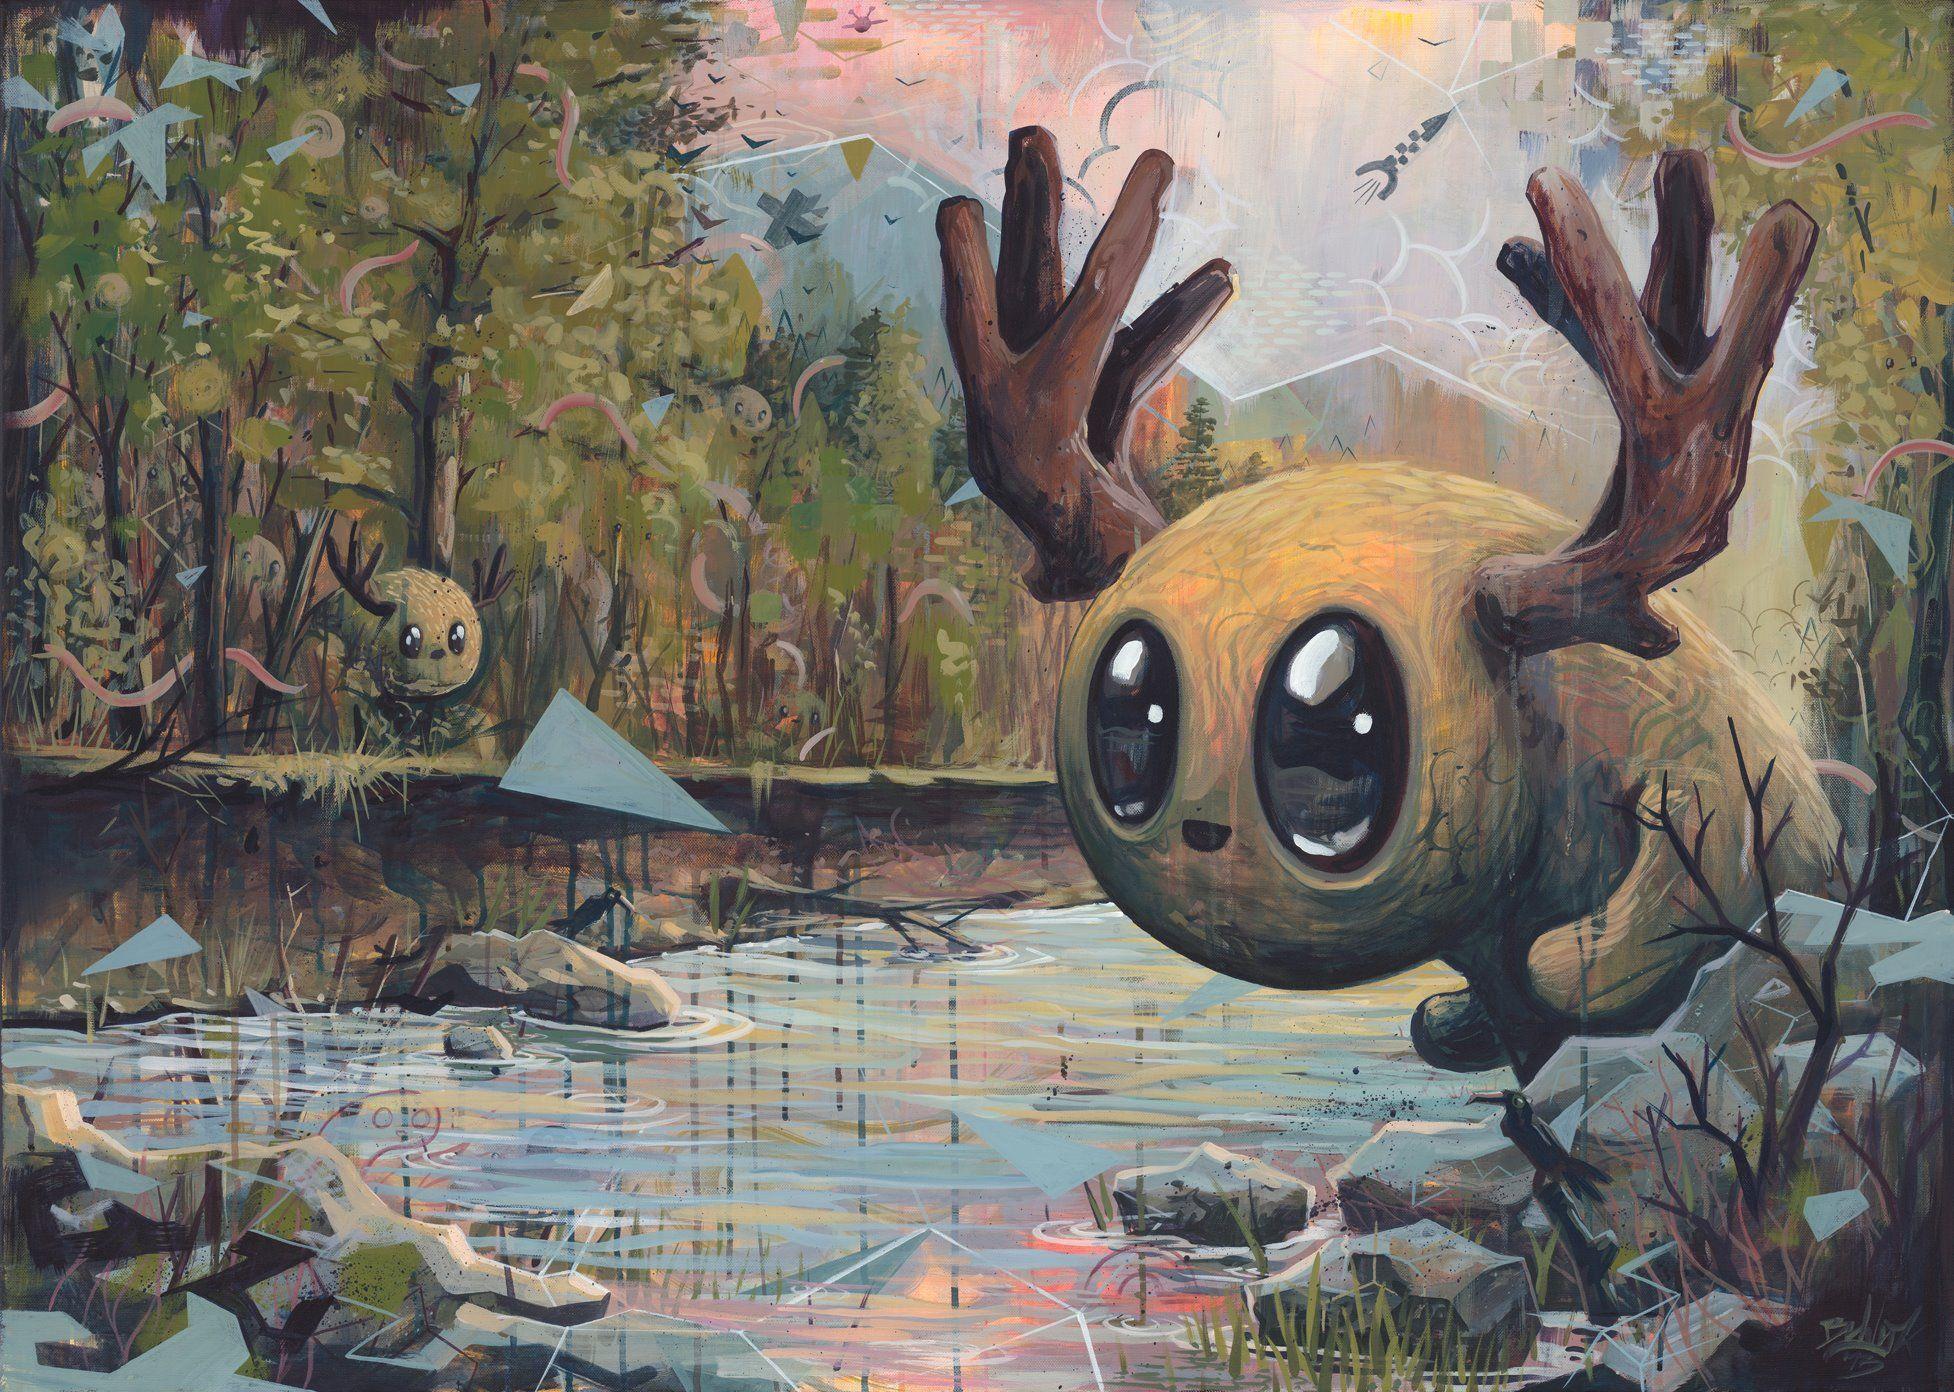 Pop surreal art © Bert van Wijk. More: www.ohsosurreal.com